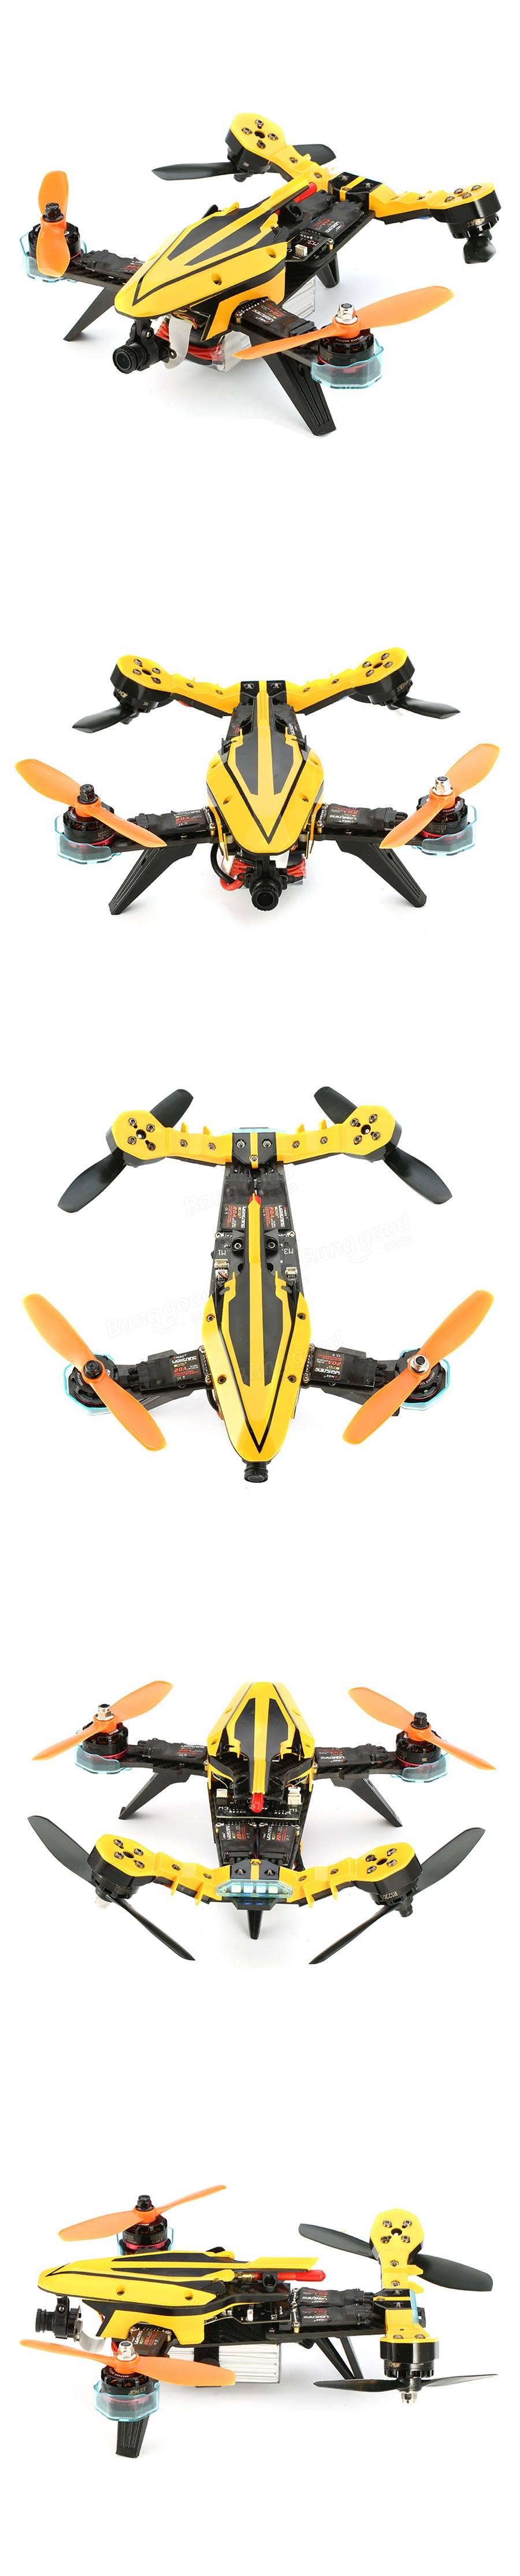 Resultado de imagen de Eachine V-tail 210 FPV Drone 1080P HD DVR F3 EVO 5.8G 40CH 200mW VTX OSD w/ Eachine I6 RTF